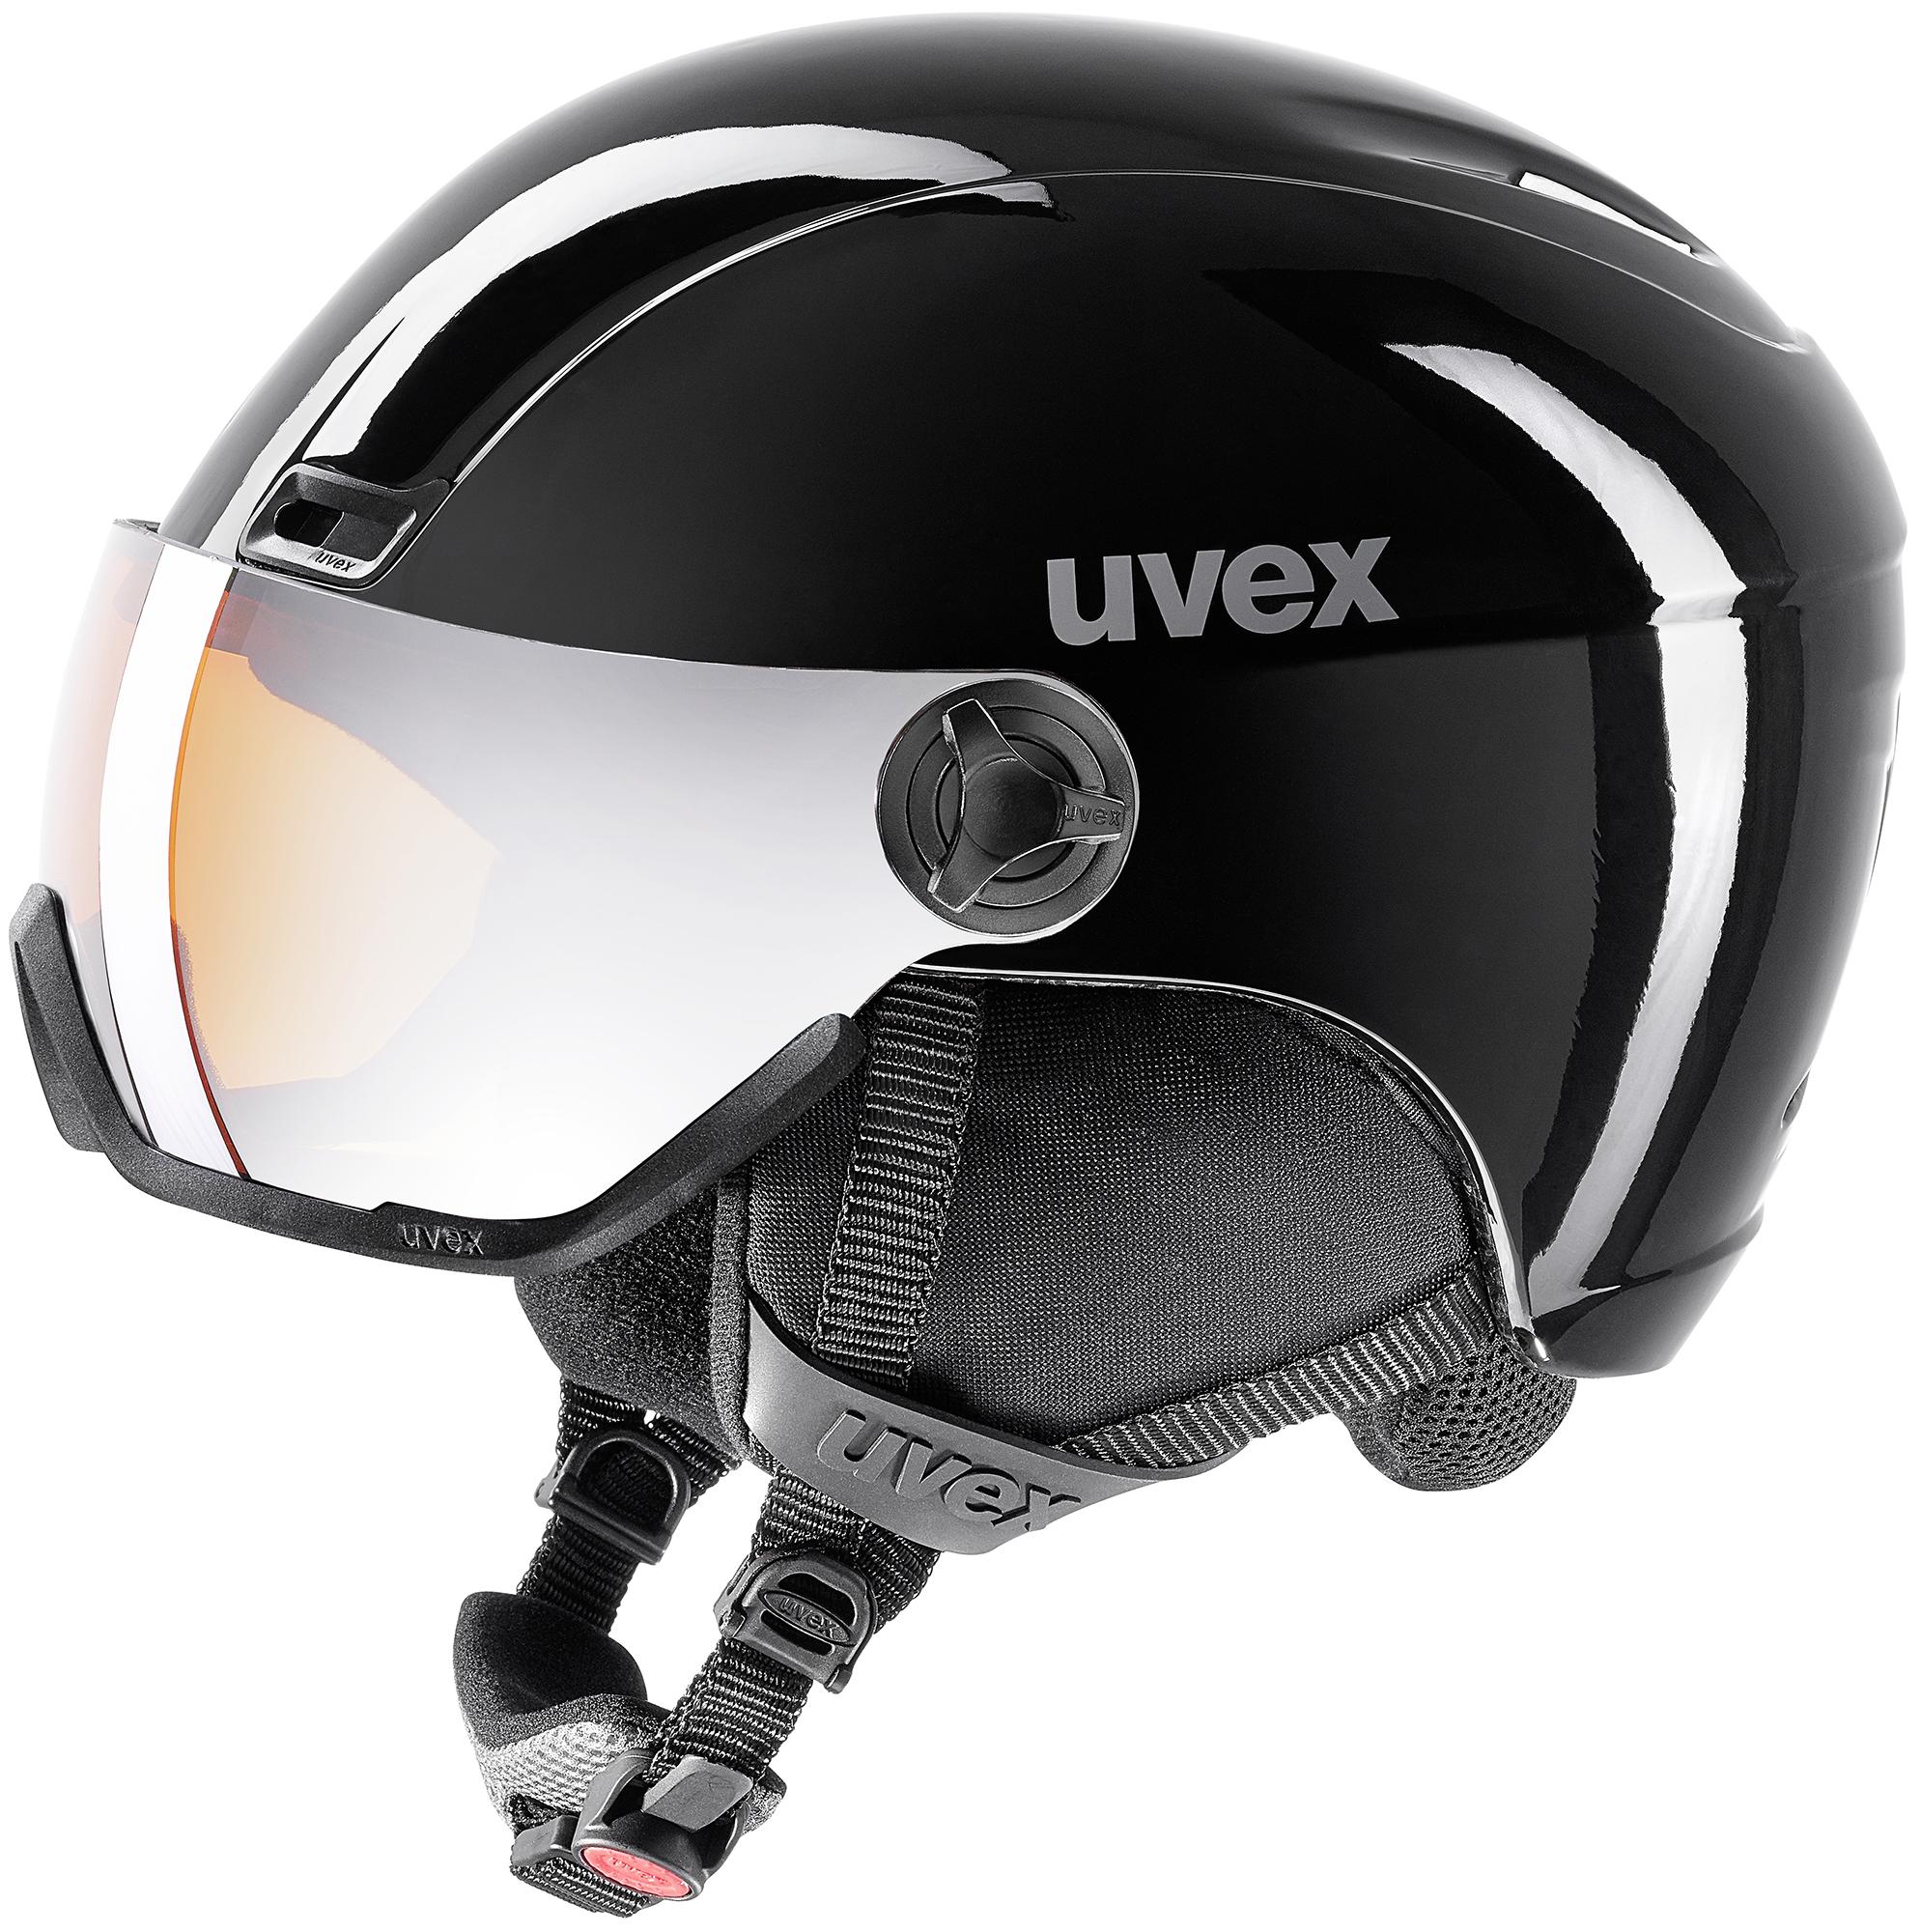 Uvex Шлем Uvex 400 Visor, размер 53-58